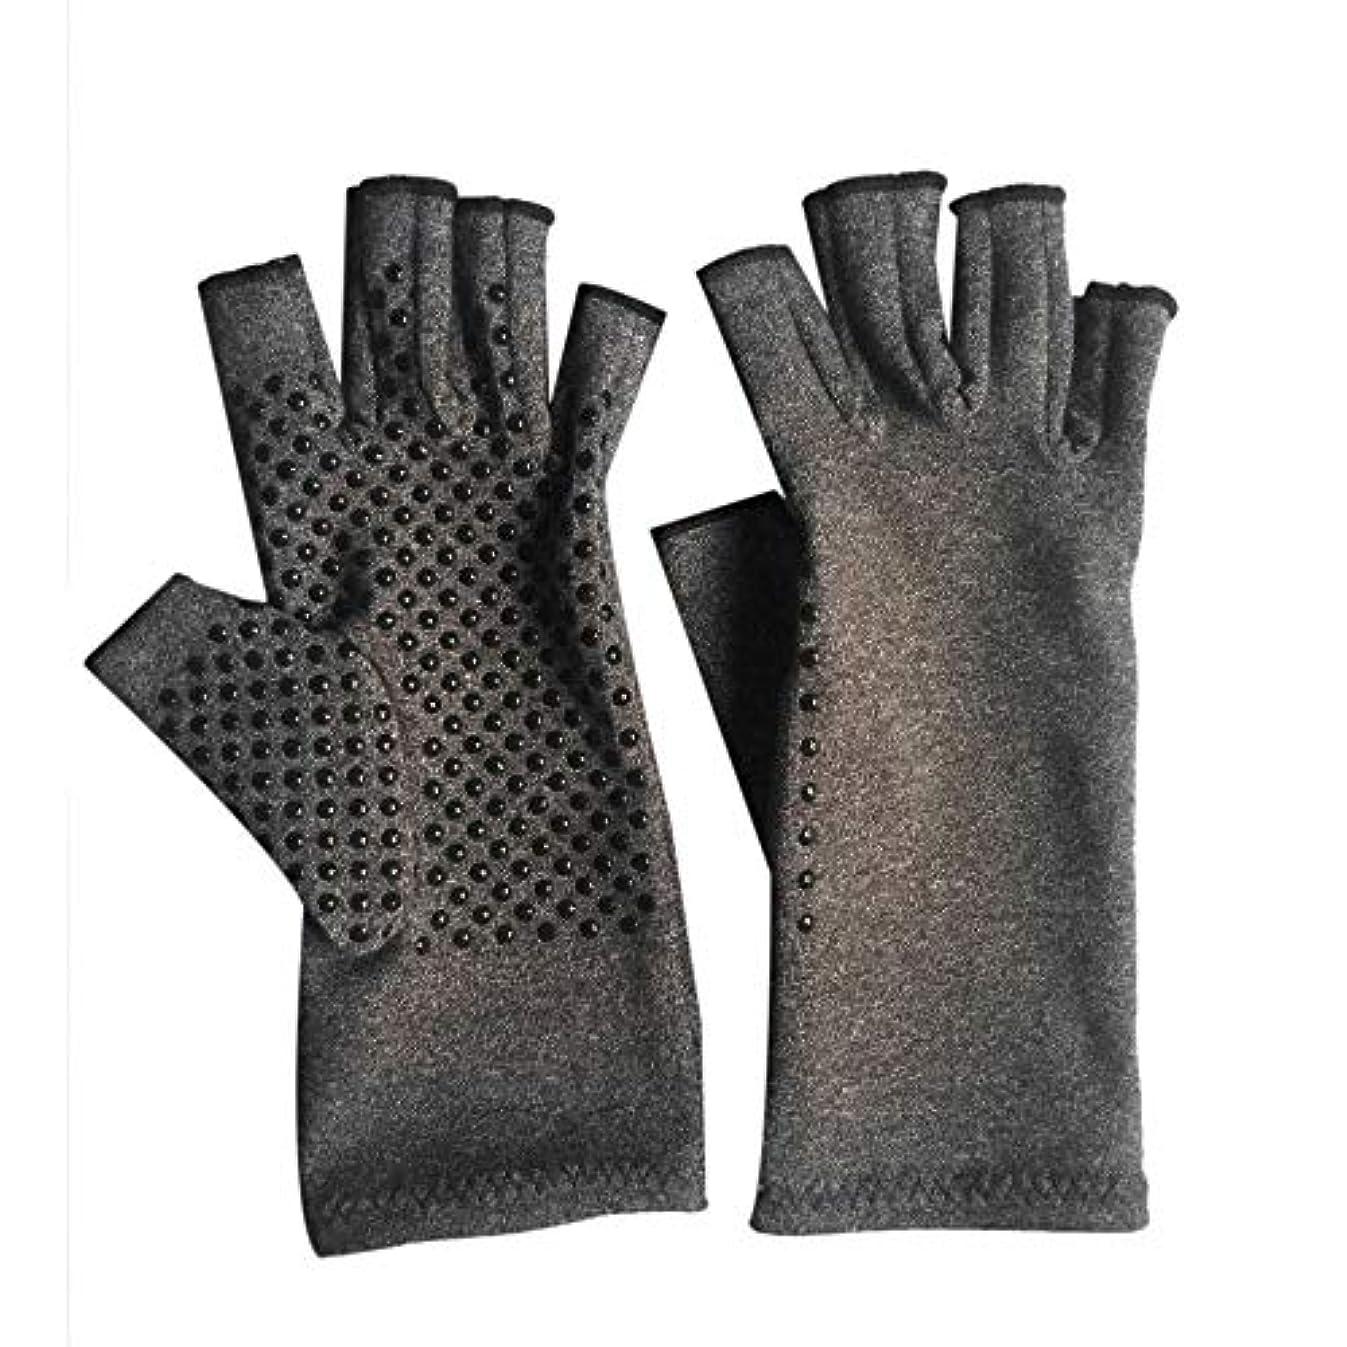 上向きひそかに成り立つ1ペアユニセックス男性女性療法圧縮手袋関節炎関節痛緩和ヘルスケア半指手袋トレーニング手袋 - グレーM